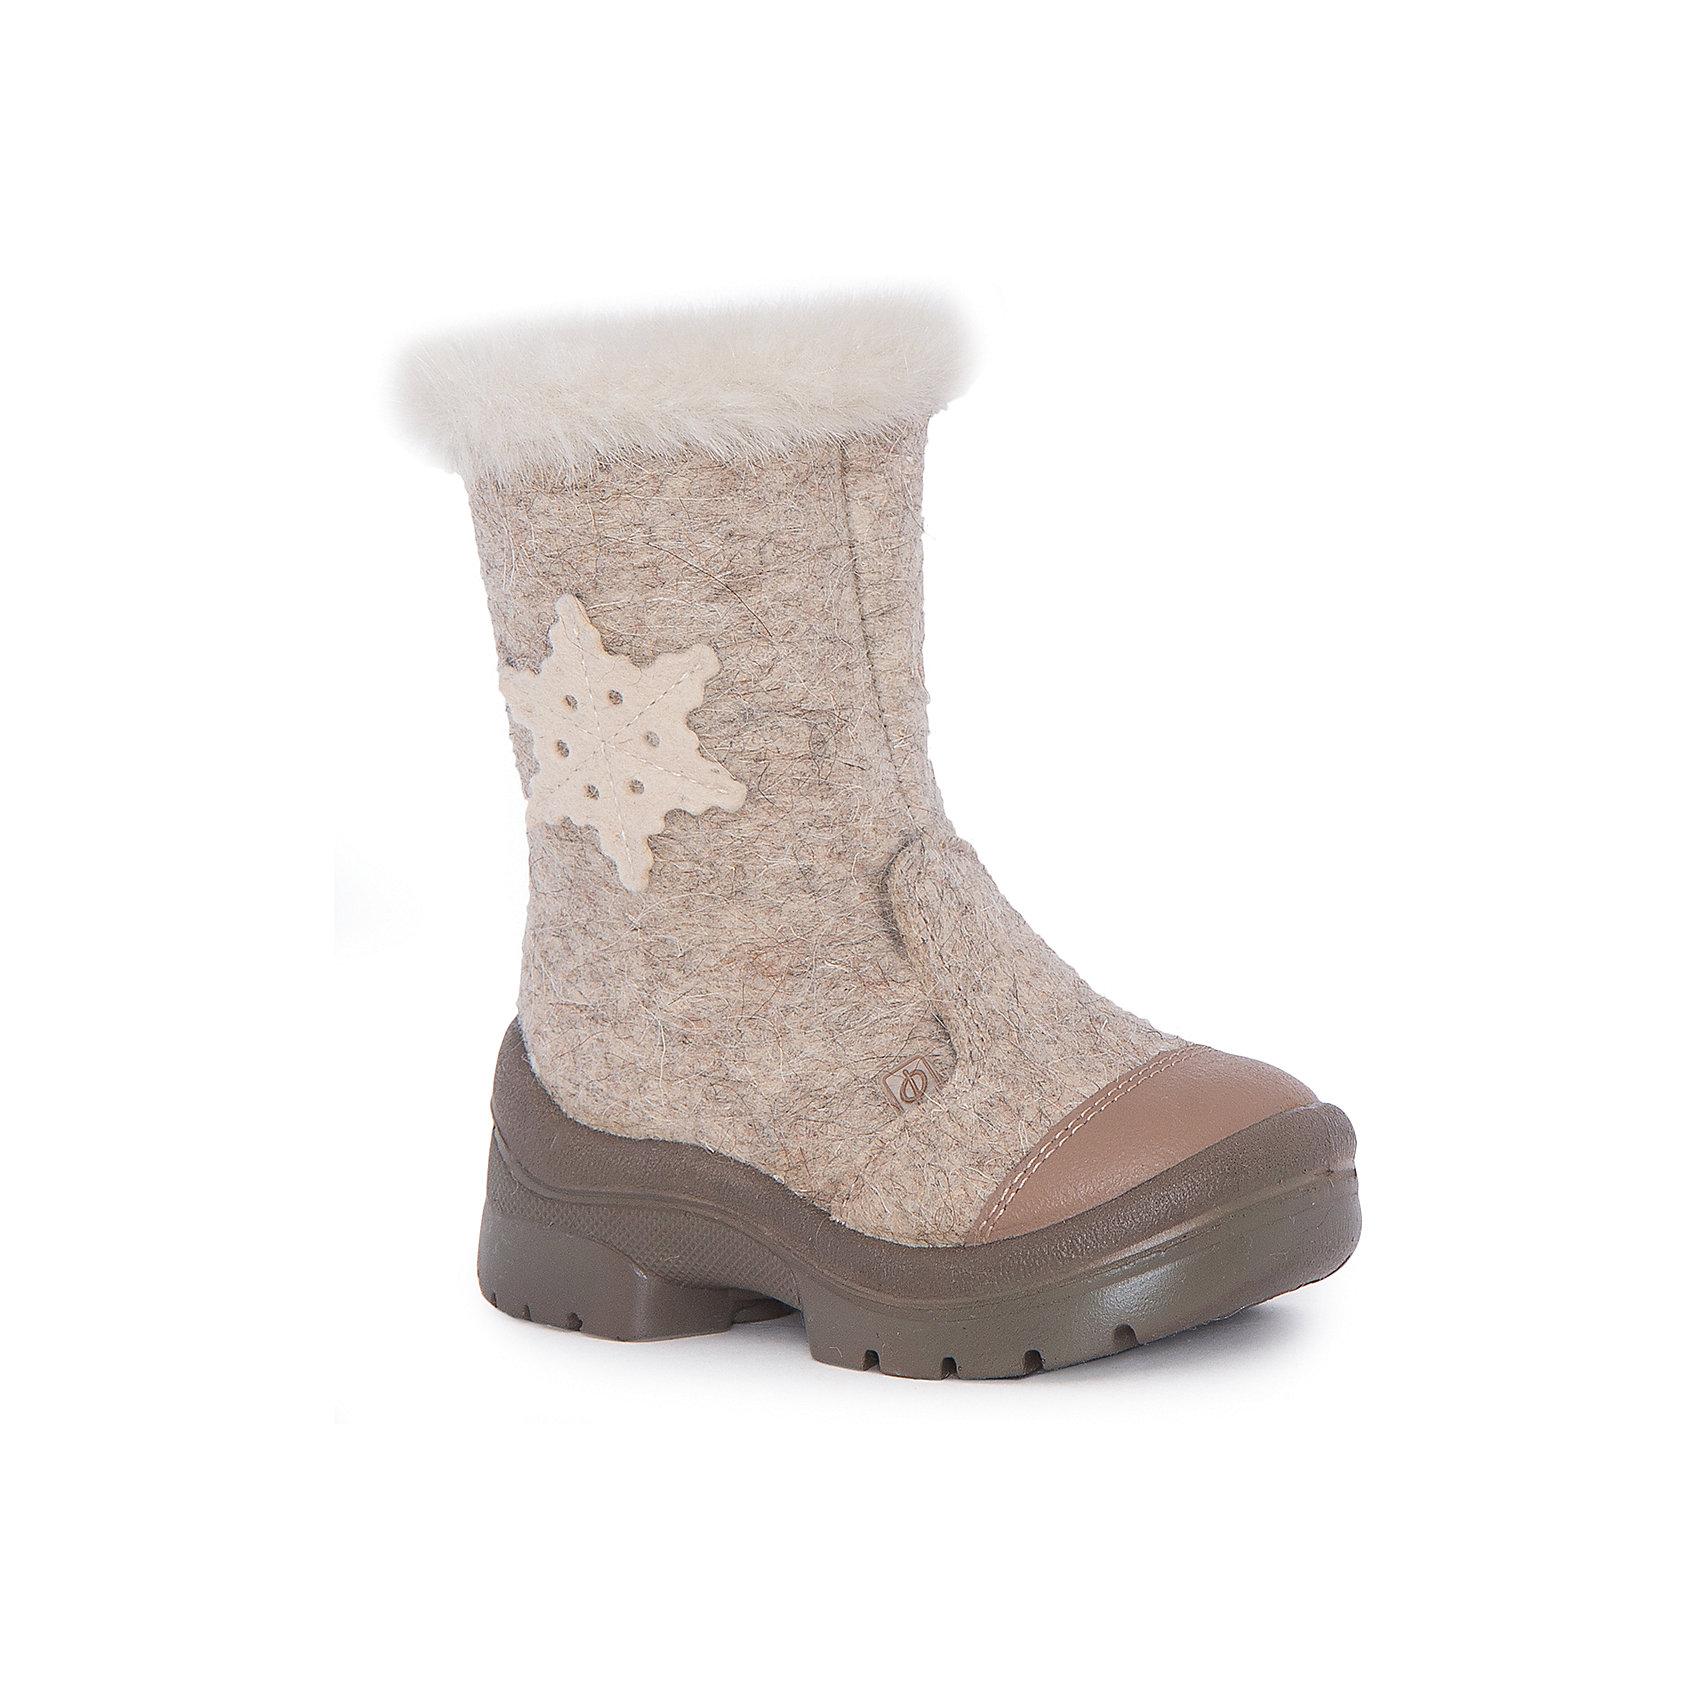 Валенки Молочный шоколад для девочки ФилипокВаленки<br>Характеристики товара:<br><br>• цвет: бежевый<br>• температурный режим: от -5° С до -30° С<br>• внешний материал: эко-войлок (натуральная шерсть)<br>• подкладка: натуральная овечья шерсть<br>• стелька: шерстяной войлок (3,5 мм)<br>• подошва: литая, полиуретан<br>• декорированы аппликацией и опушкой<br>• подошва с анти скользящей с системой протектора anti slip<br>• застежка: молния<br>• защита носка - натуральная кожа с износостойкой пропиткой<br>• усиленная пятка<br>• толстая устойчивая подошва<br>• страна бренда: РФ<br>• страна изготовитель: РФ<br><br>Очень теплые и удобные валенки для ребенка от известного бренда детской обуви Филипок созданы специально для русской зимы. Качественные материалы с пропиткой против попадания воды внутрь и модный дизайн понравятся и малышам и их родителям. Подошва и стелька обеспечат ребенку комфорт, сухость и тепло, позволяя в полной мере наслаждаться зимним отдыхом. Усиленная защита пятки и носка обеспечивает дополнительную безопасность детских ног в этих сапожках.<br>Эта красивая и удобная обувь прослужит долго благодаря отличному качеству. Производитель анти скользящее покрытие и амортизирующие свойства подошвы! Модель производится из качественных и проверенных материалов, которые безопасны для детей.<br><br>Валенки для девочки от бренда Филипок можно купить в нашем интернет-магазине.<br><br>Ширина мм: 257<br>Глубина мм: 180<br>Высота мм: 130<br>Вес г: 420<br>Цвет: бежевый<br>Возраст от месяцев: 24<br>Возраст до месяцев: 24<br>Пол: Женский<br>Возраст: Детский<br>Размер: 25,32,30,31,24,26,27,28,29<br>SKU: 4207378